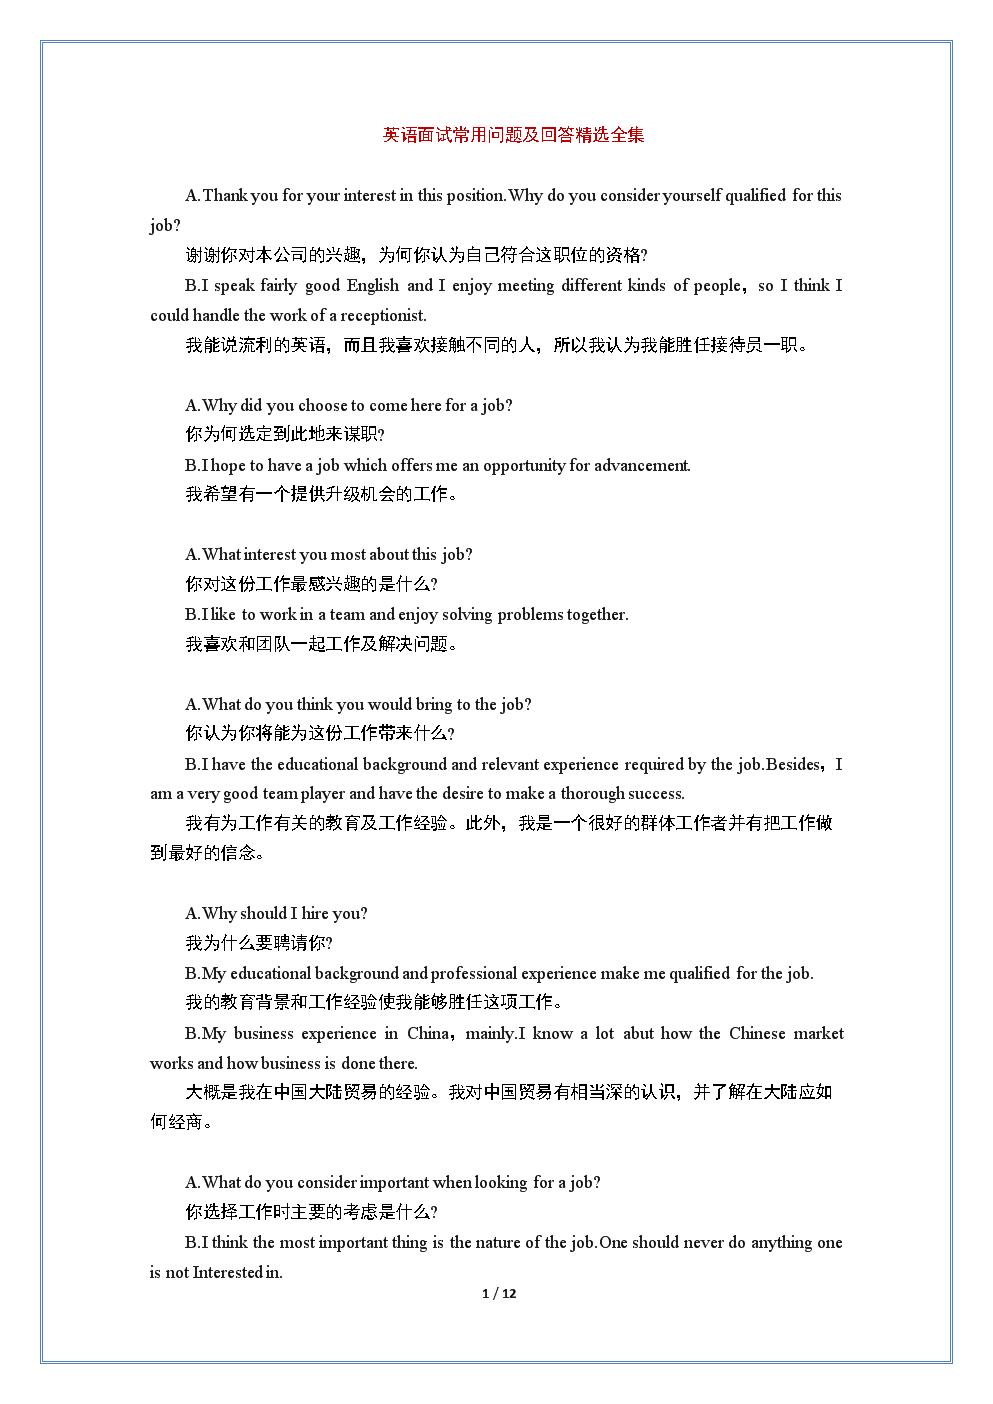 英语面试常用问题及回答精选全集.docx